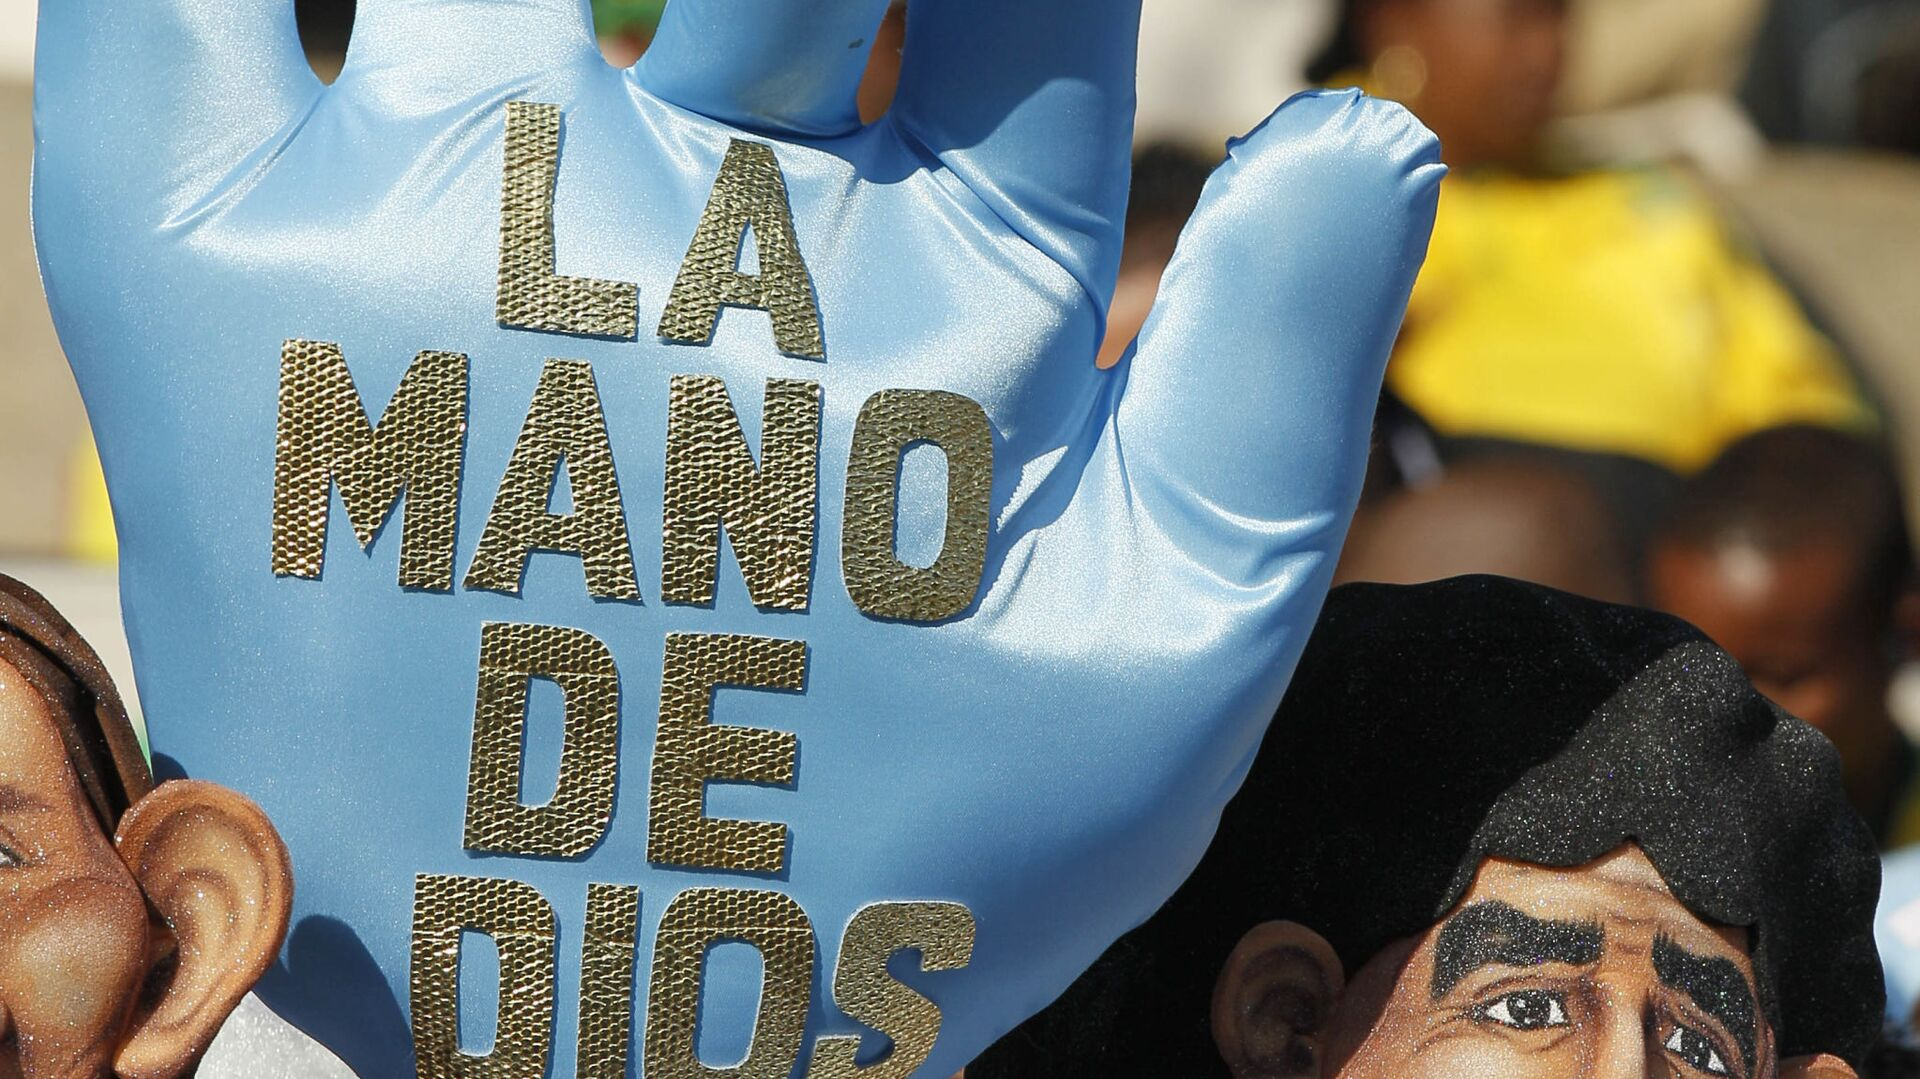 Аргентинский болельщик в маске, изображающей Марадону, и с перчаткой, на которой написано: Рука бога перед матчем Аргентина - Нигерия группового этапа ЧМ 2010 - Sputnik Mundo, 1920, 24.03.2021